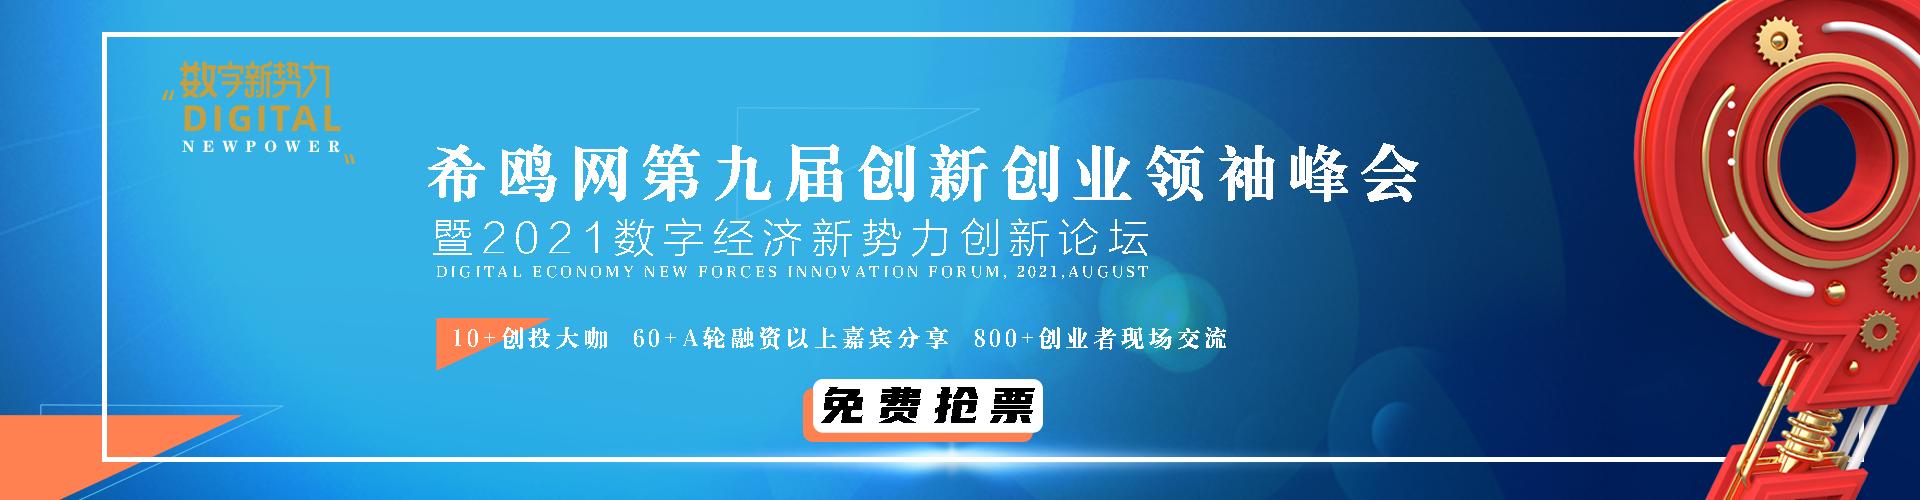 希鸥网第九届创新创业领袖峰会暨2021数字经济新势力创新论坛